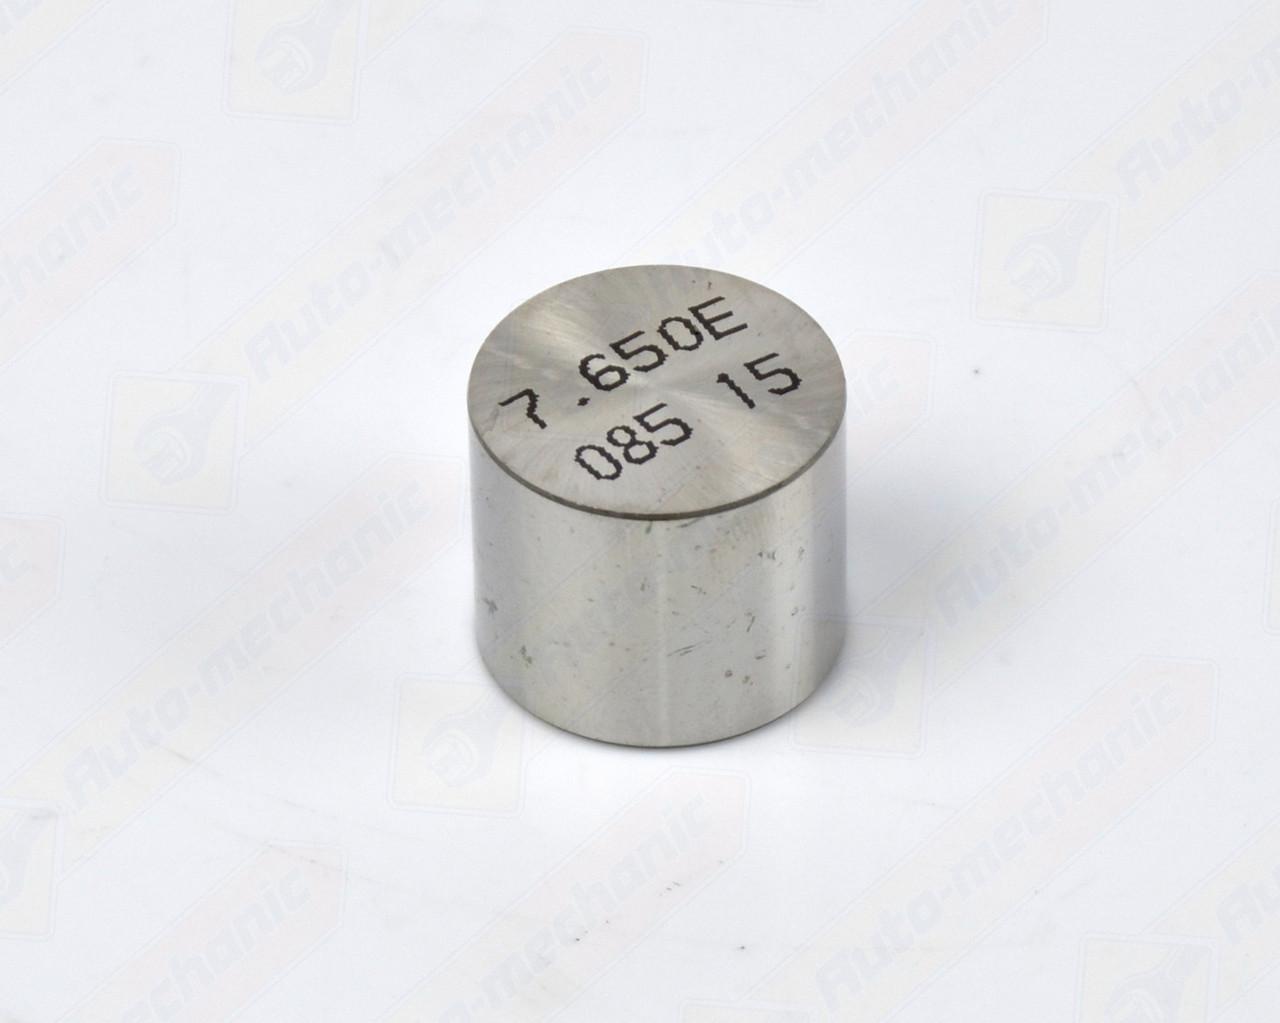 Толкатель клапана (7.650mm) на Renault Kangoo 97->2008 1.5dCi+1.9D+1.9dTi — Renault (Оригинал) - 7700102353